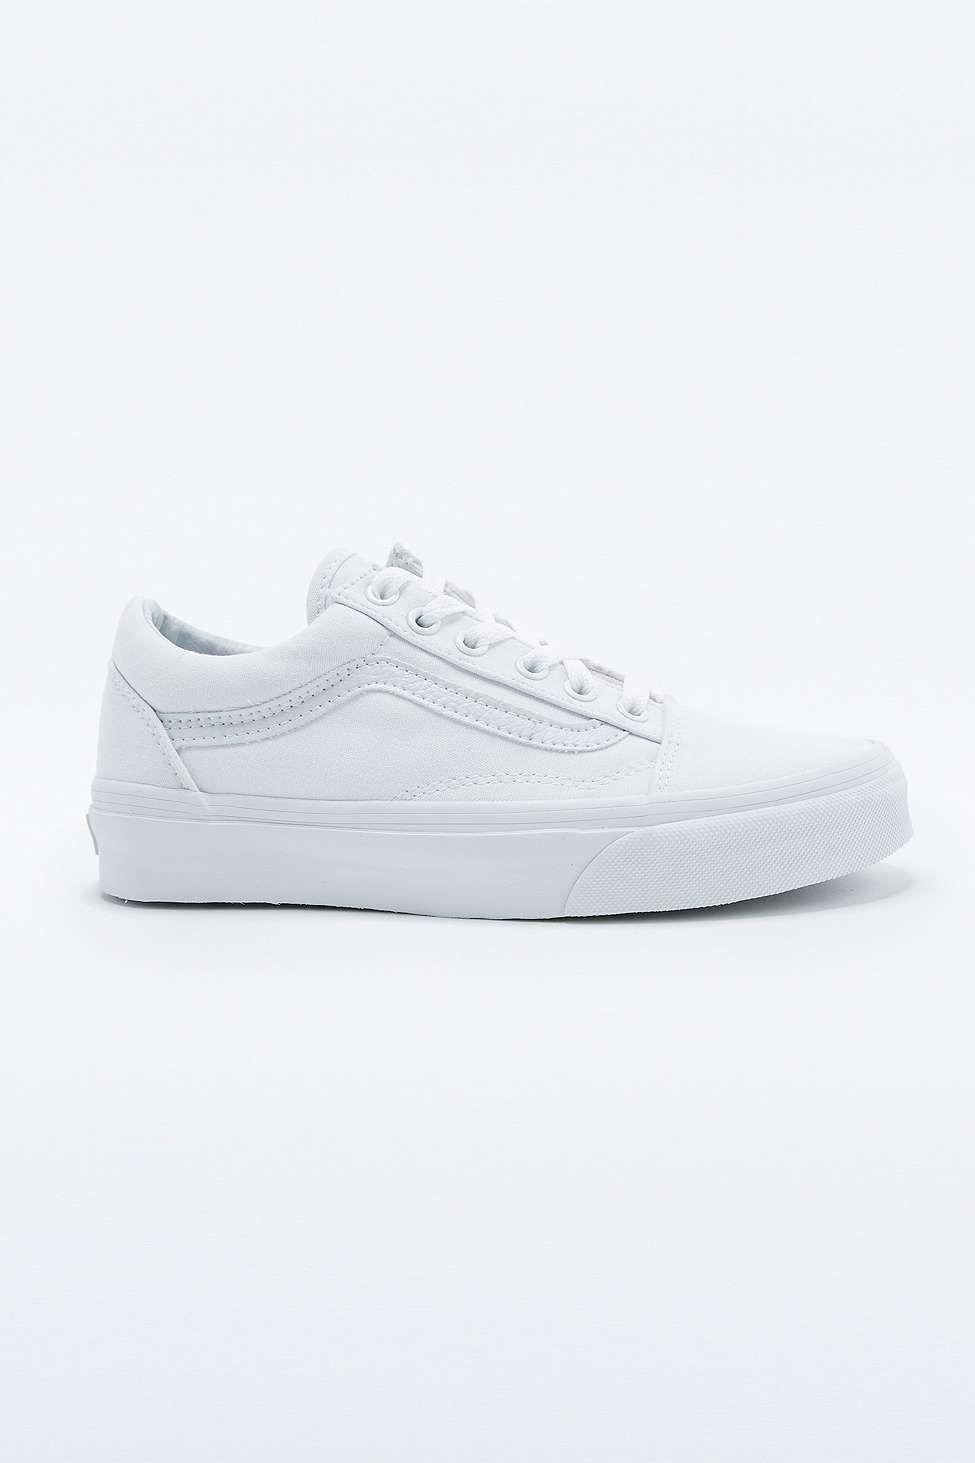 vans blanche toile